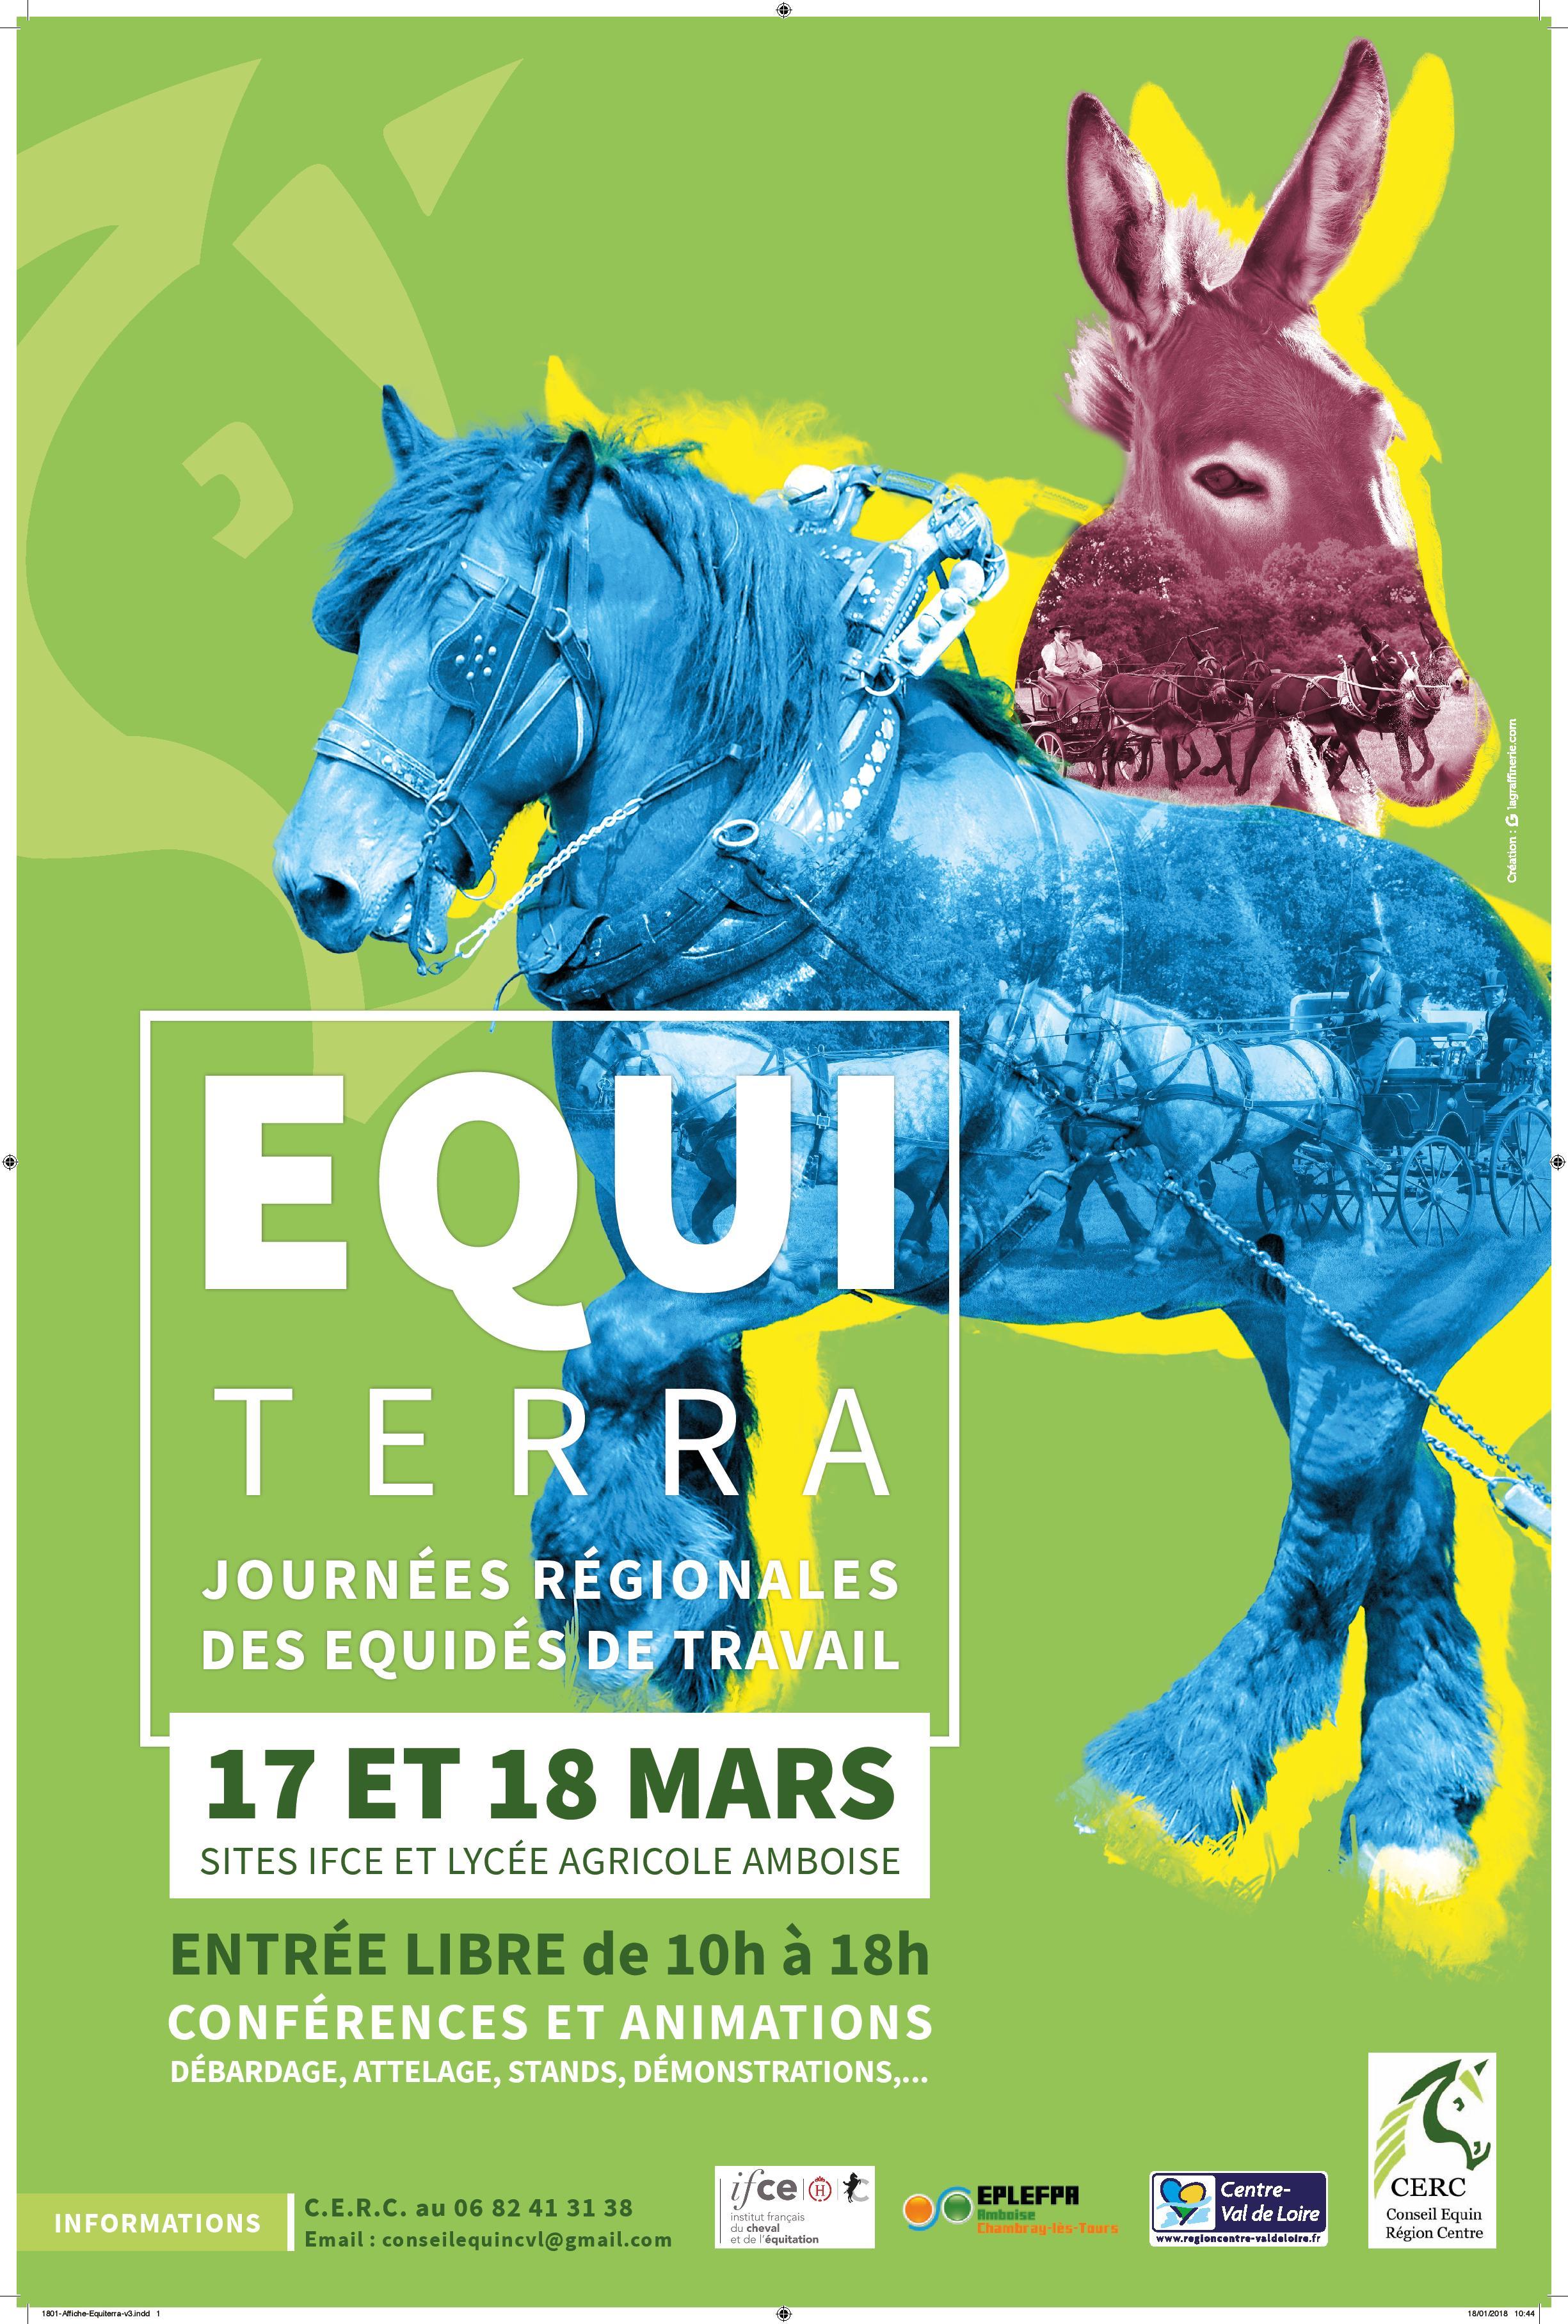 17 et 18 mars : EQUITERRA, journées régionales des équidés de travail